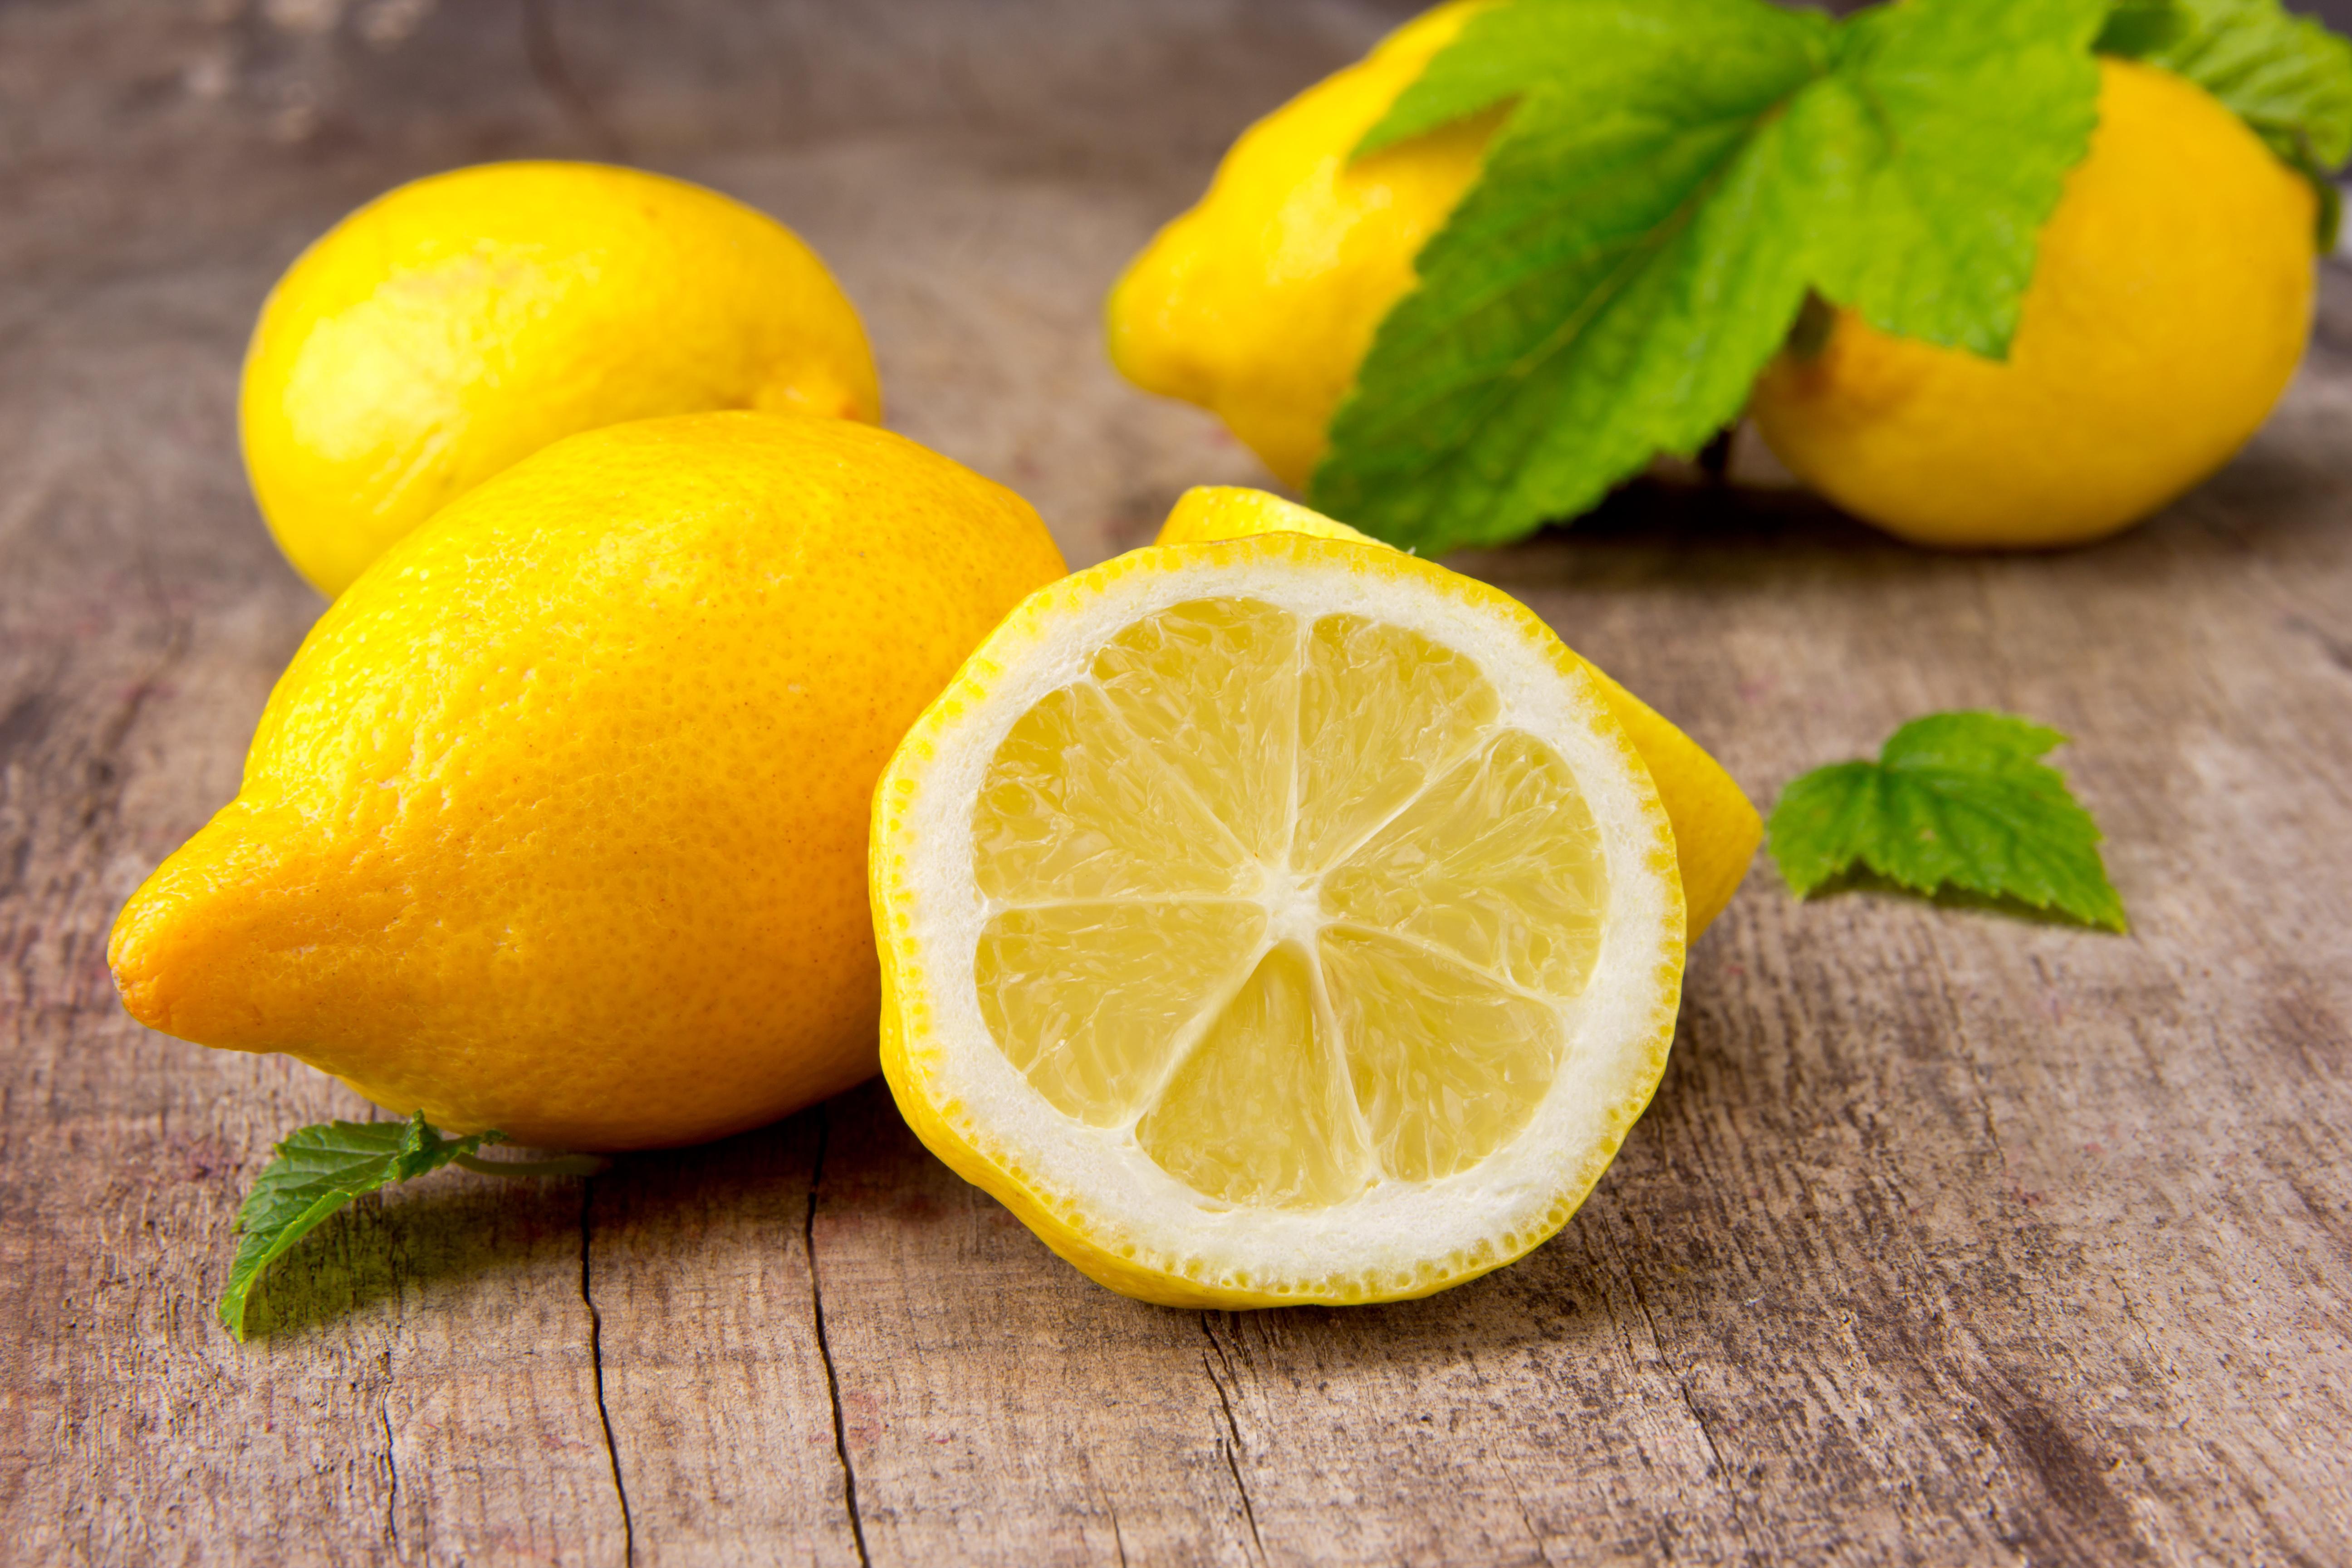 shutterstock_109833860 Limonun Faydaları Nelerdir ve Limon Diyeti Nasıl Yapılır?